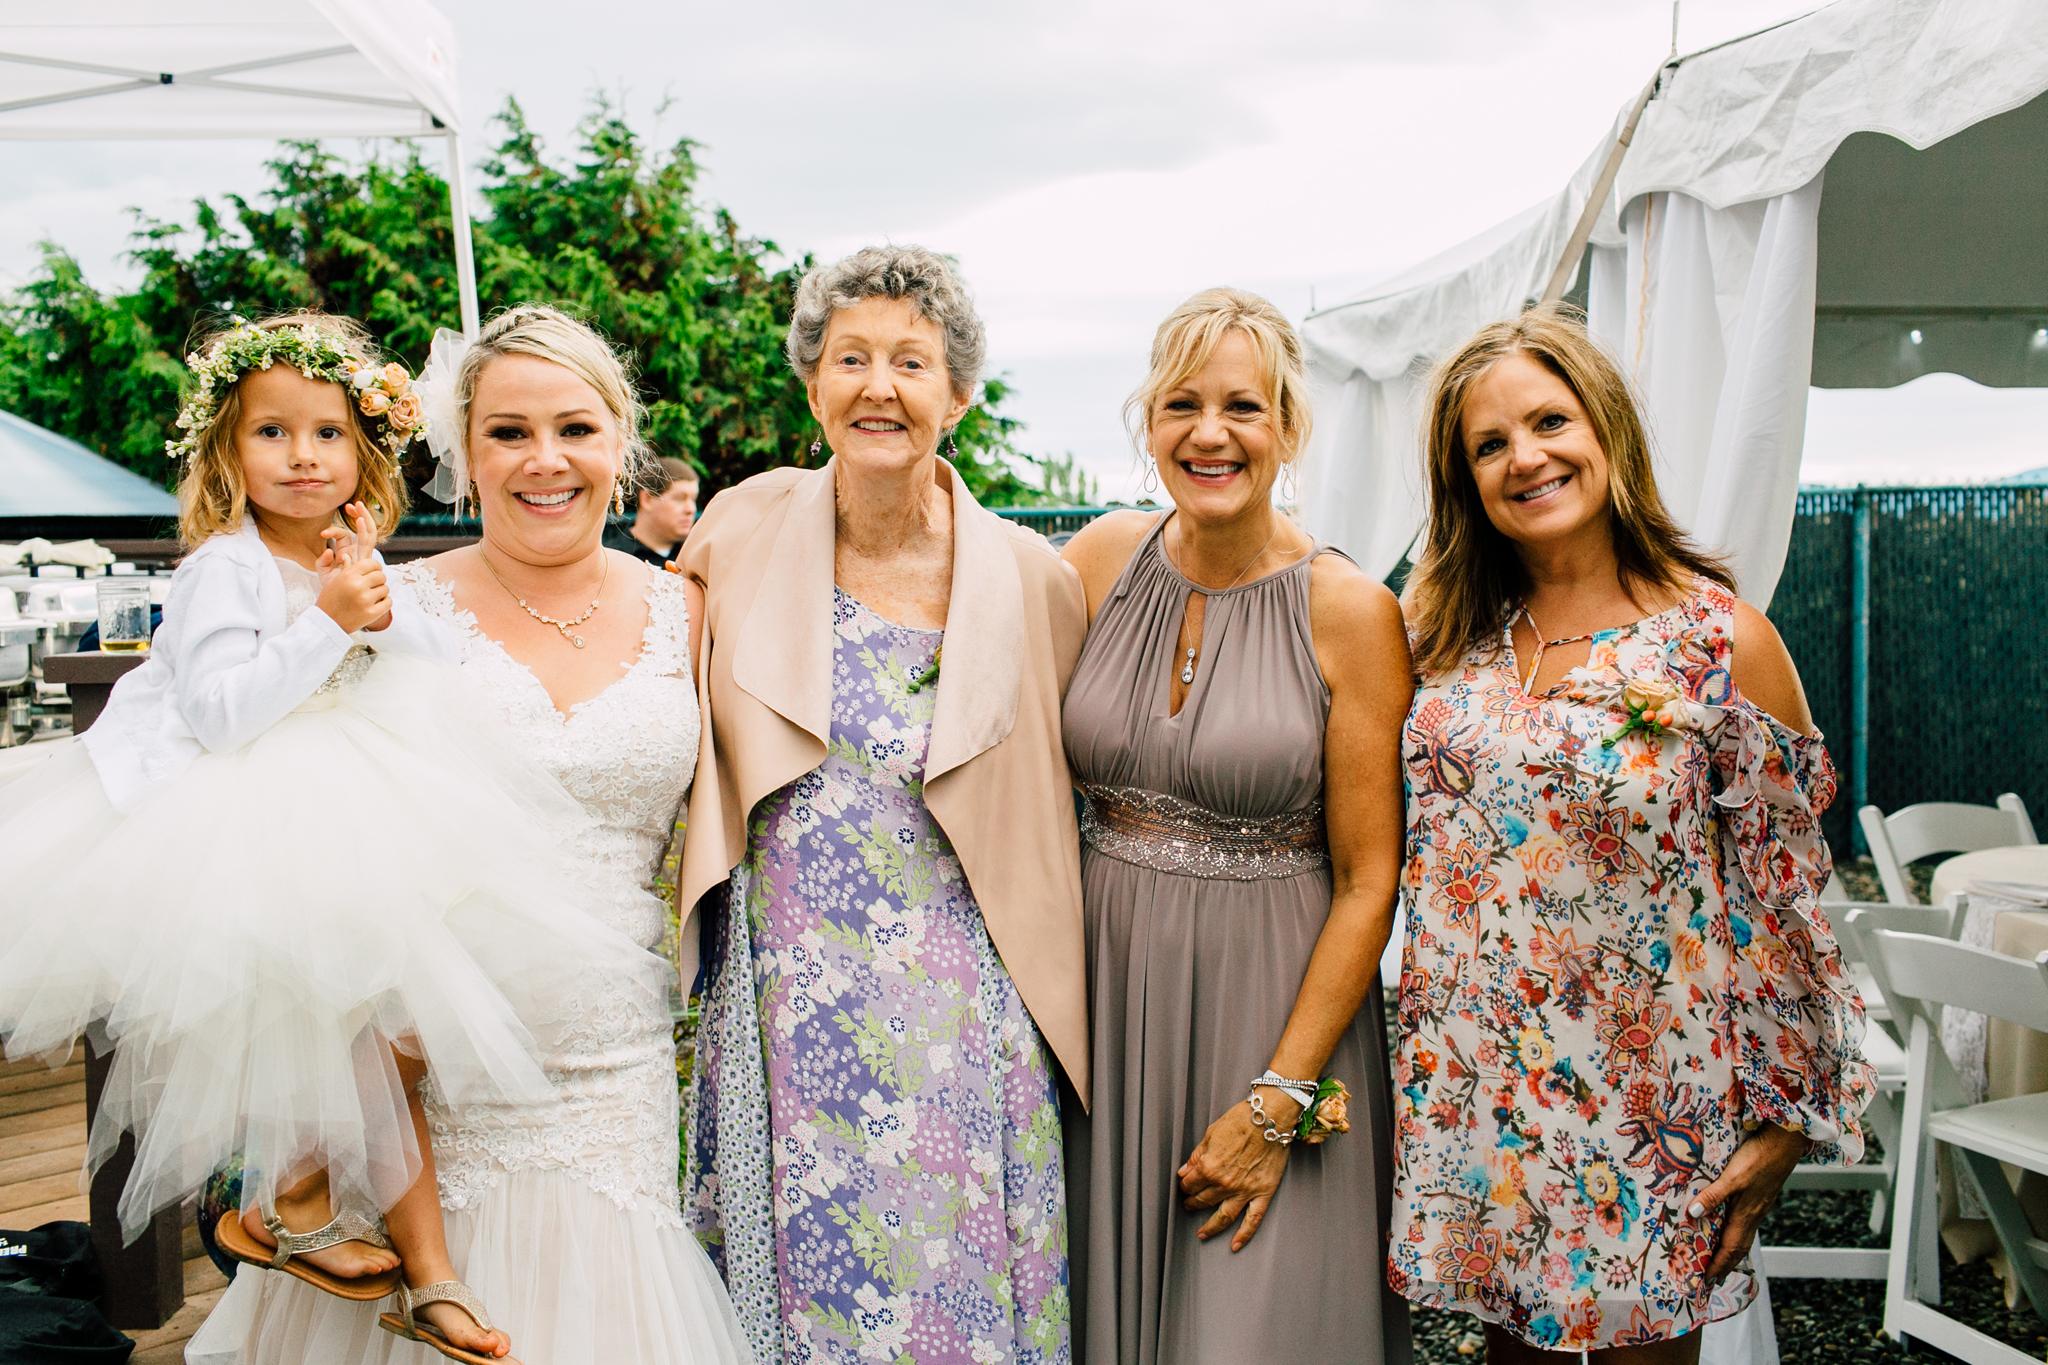 078-bellingham-wedding-photographer-beach-katheryn-moran-elisa-phillip.jpg